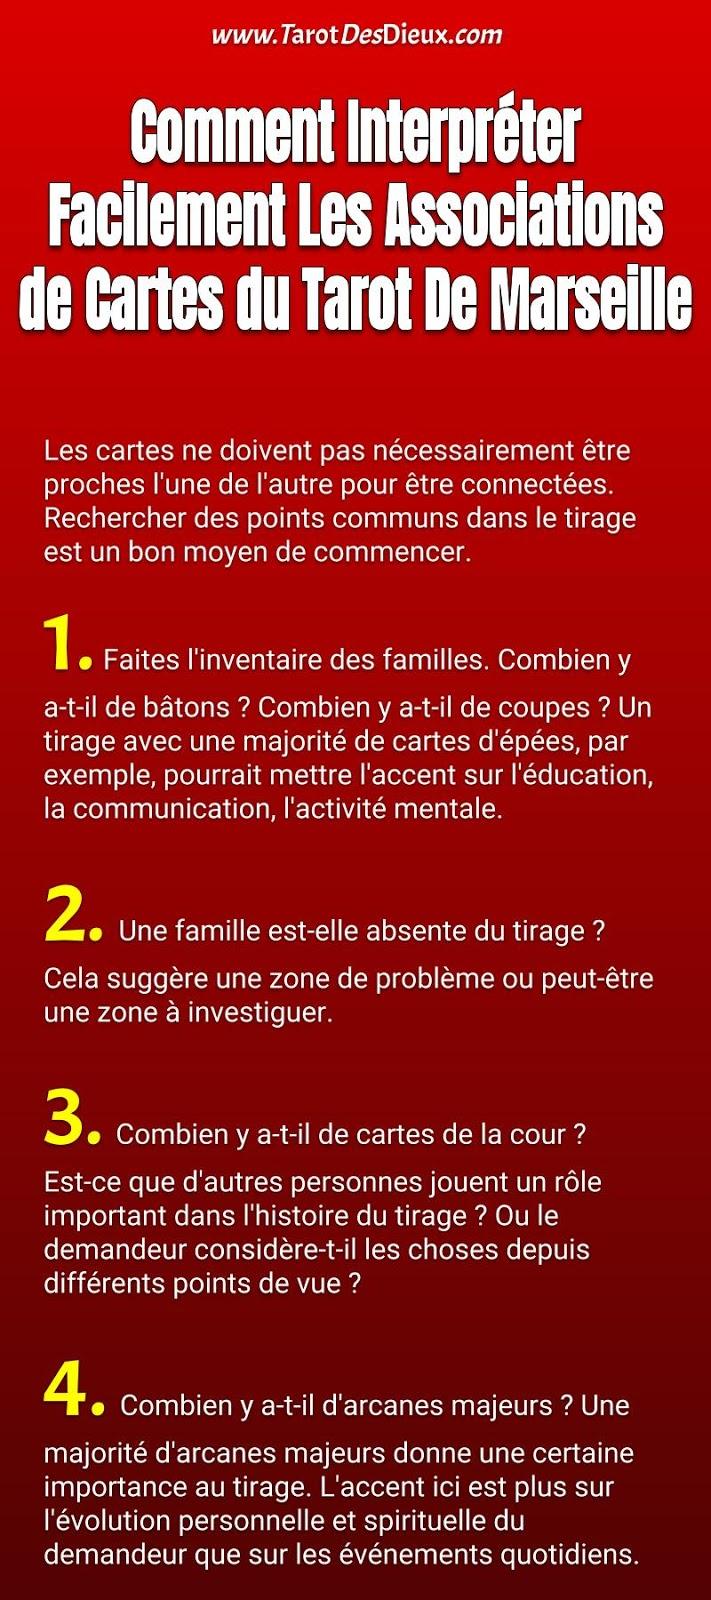 l'infographie qui résume comment interpréter une association de cartes de tarot de Marseille